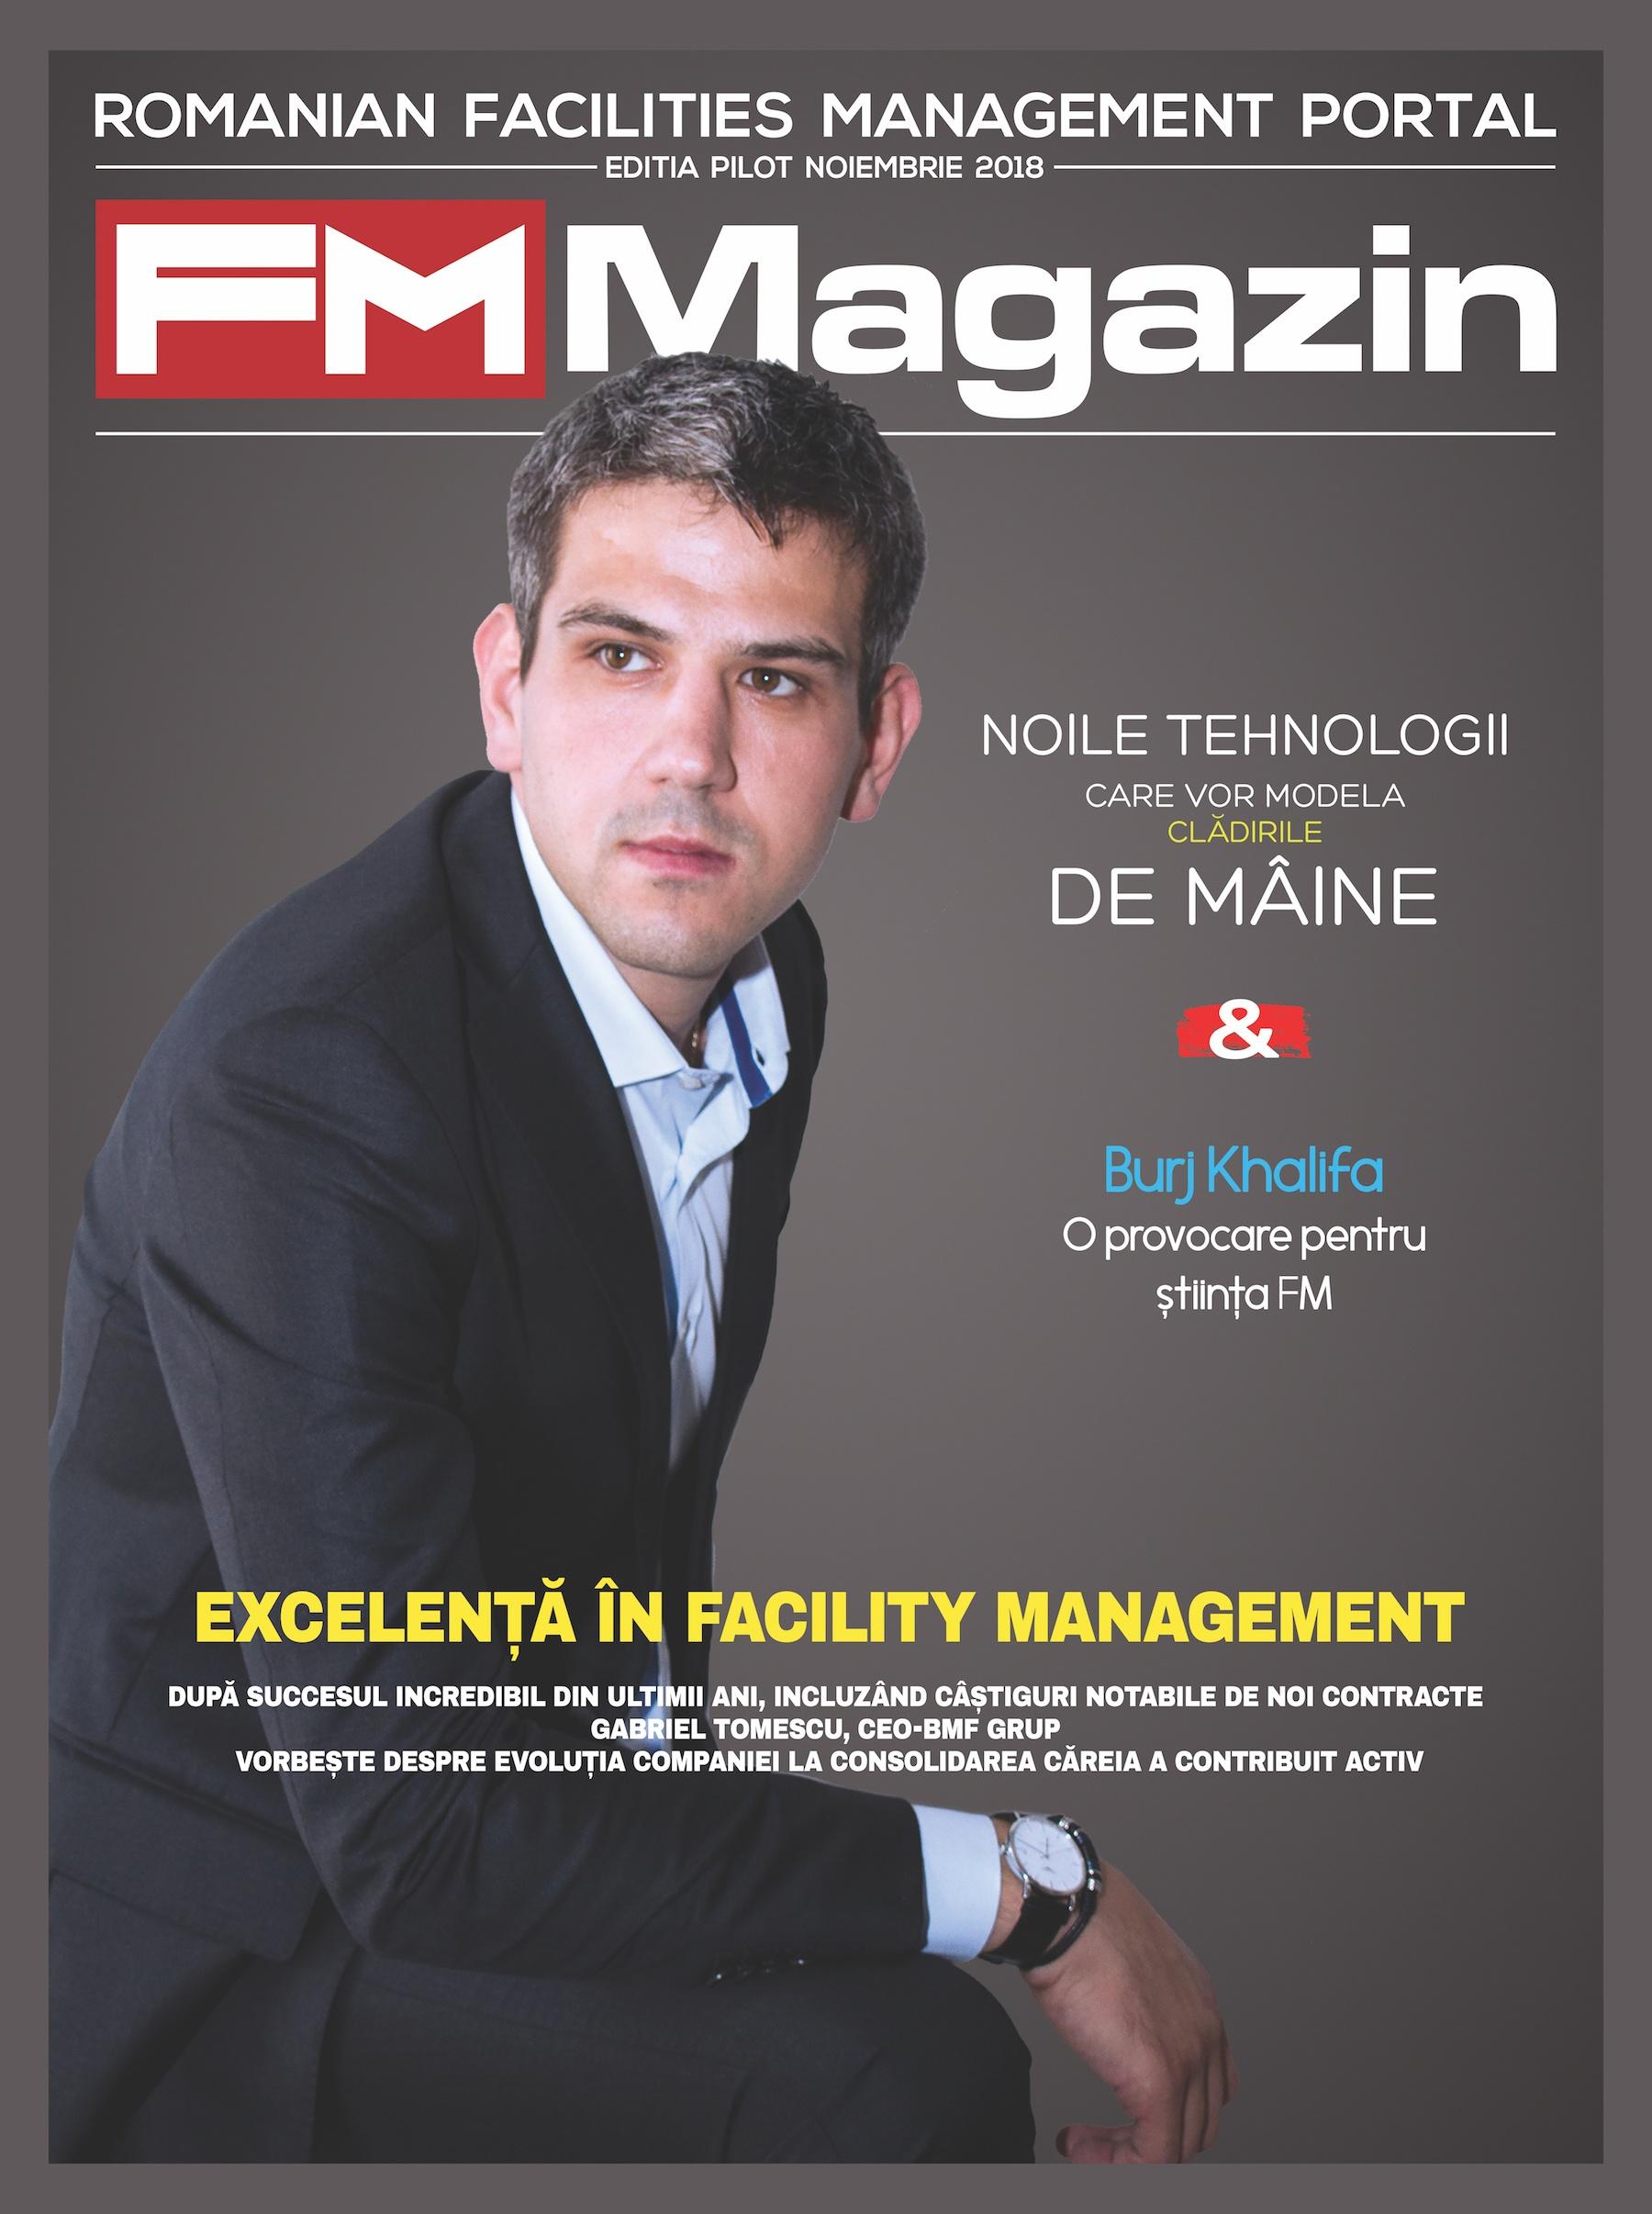 FM Magazin